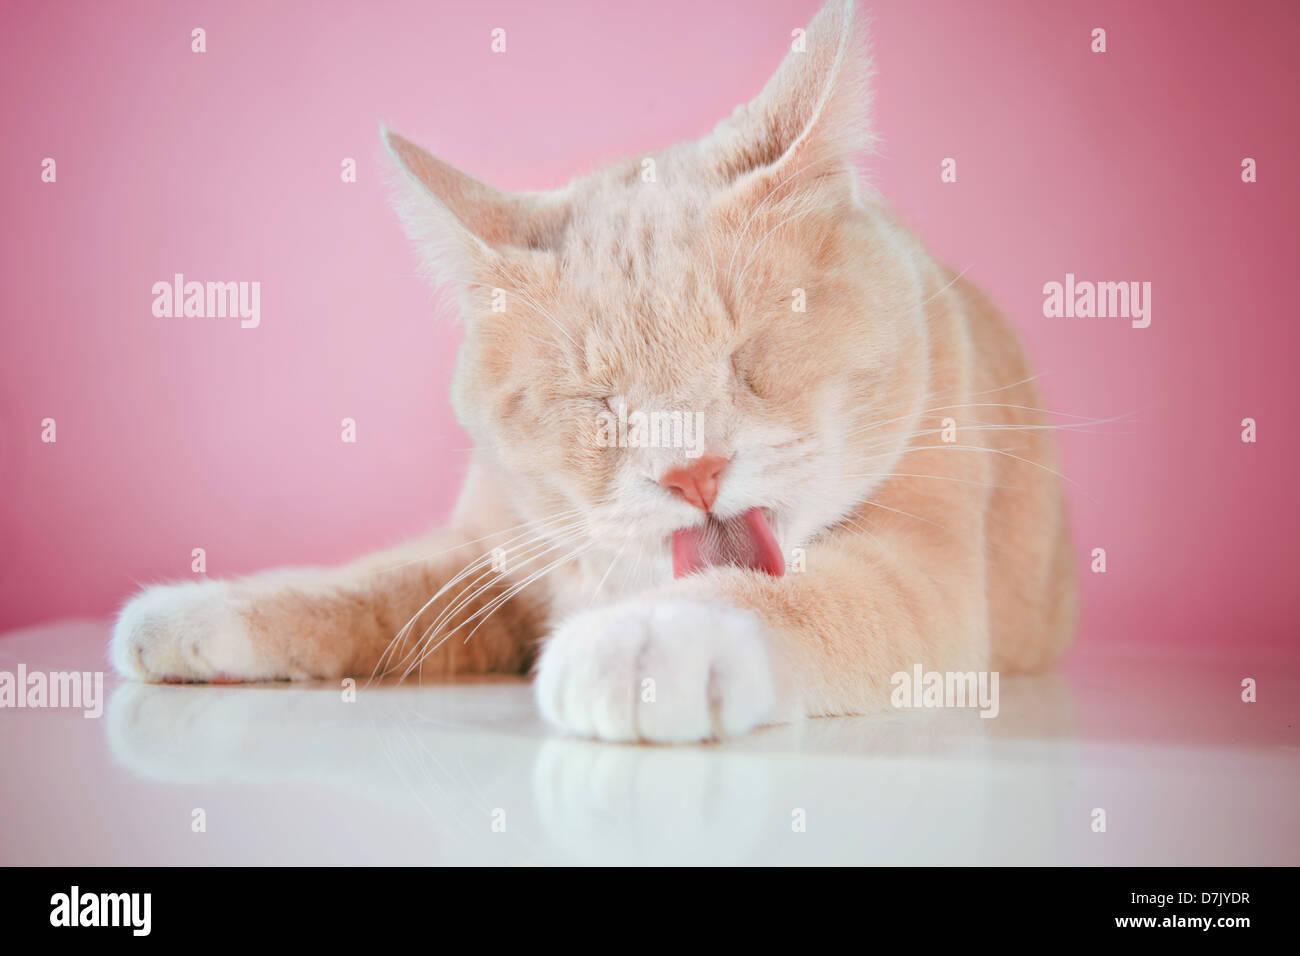 Feliz gato lamiendo las patas contra pink estudio telón de fondo Imagen De Stock